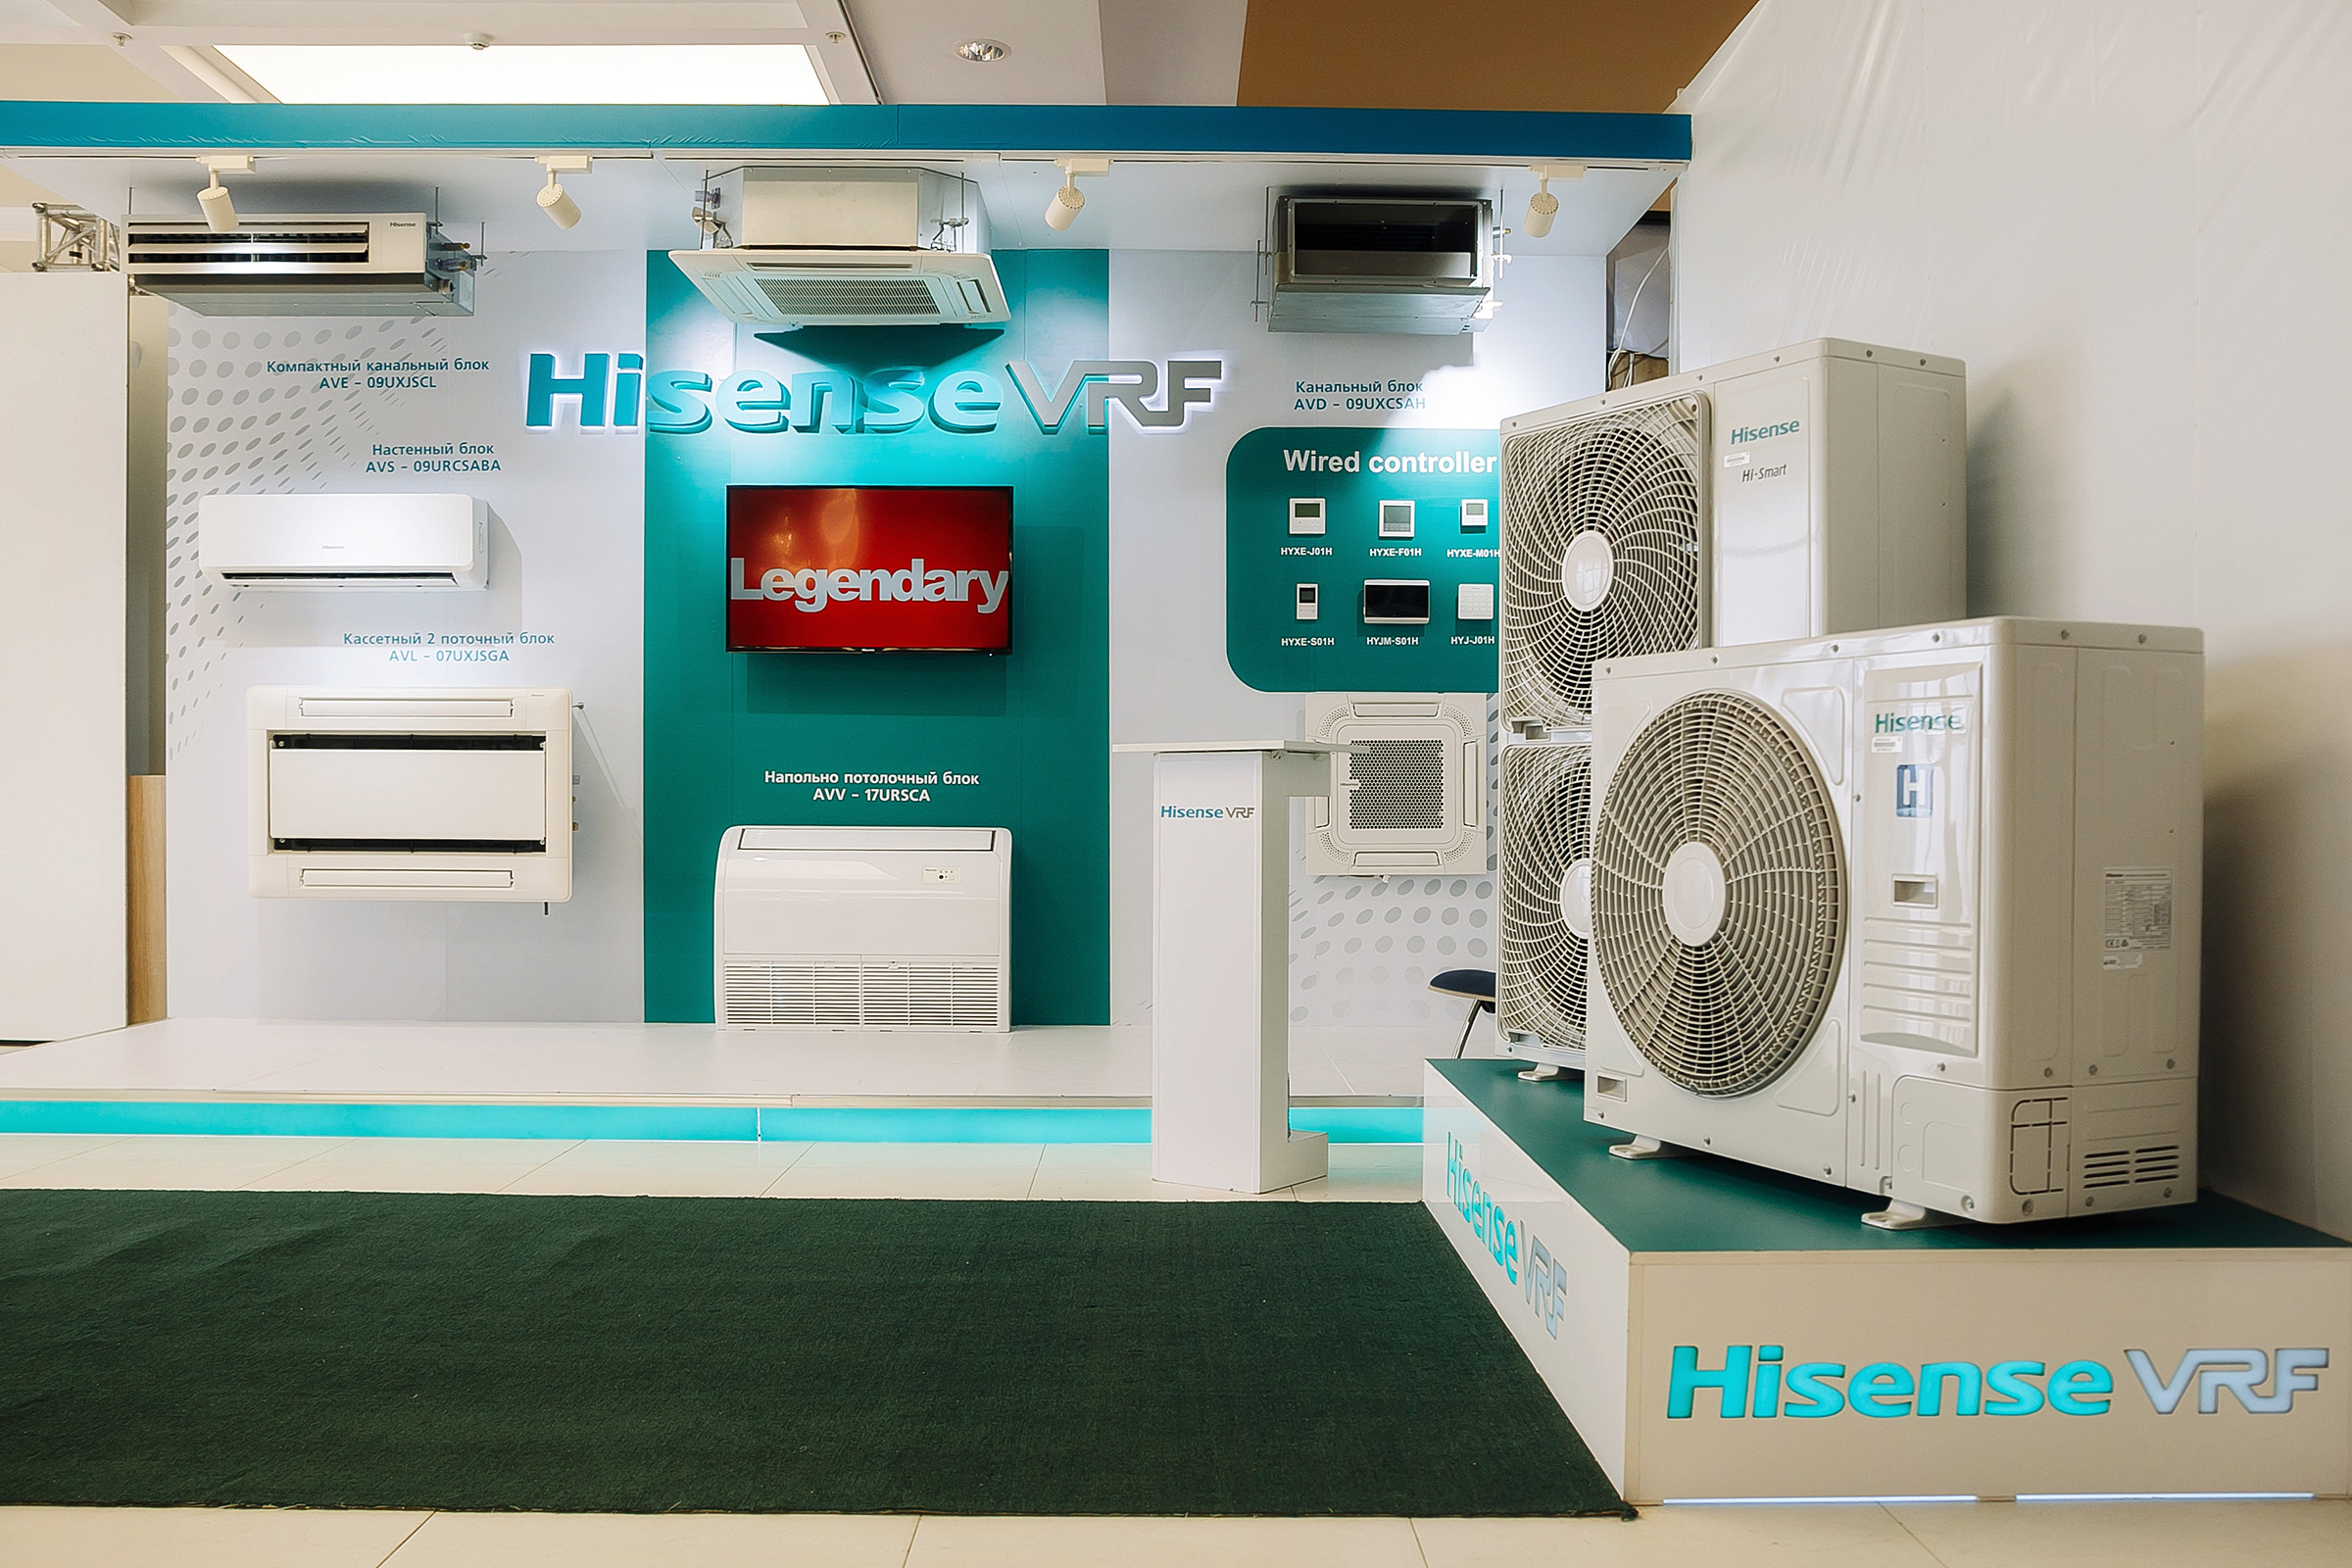 家電業界に圧力 美的、ハイアール、ハイセンス幹部が減給や報酬凍結